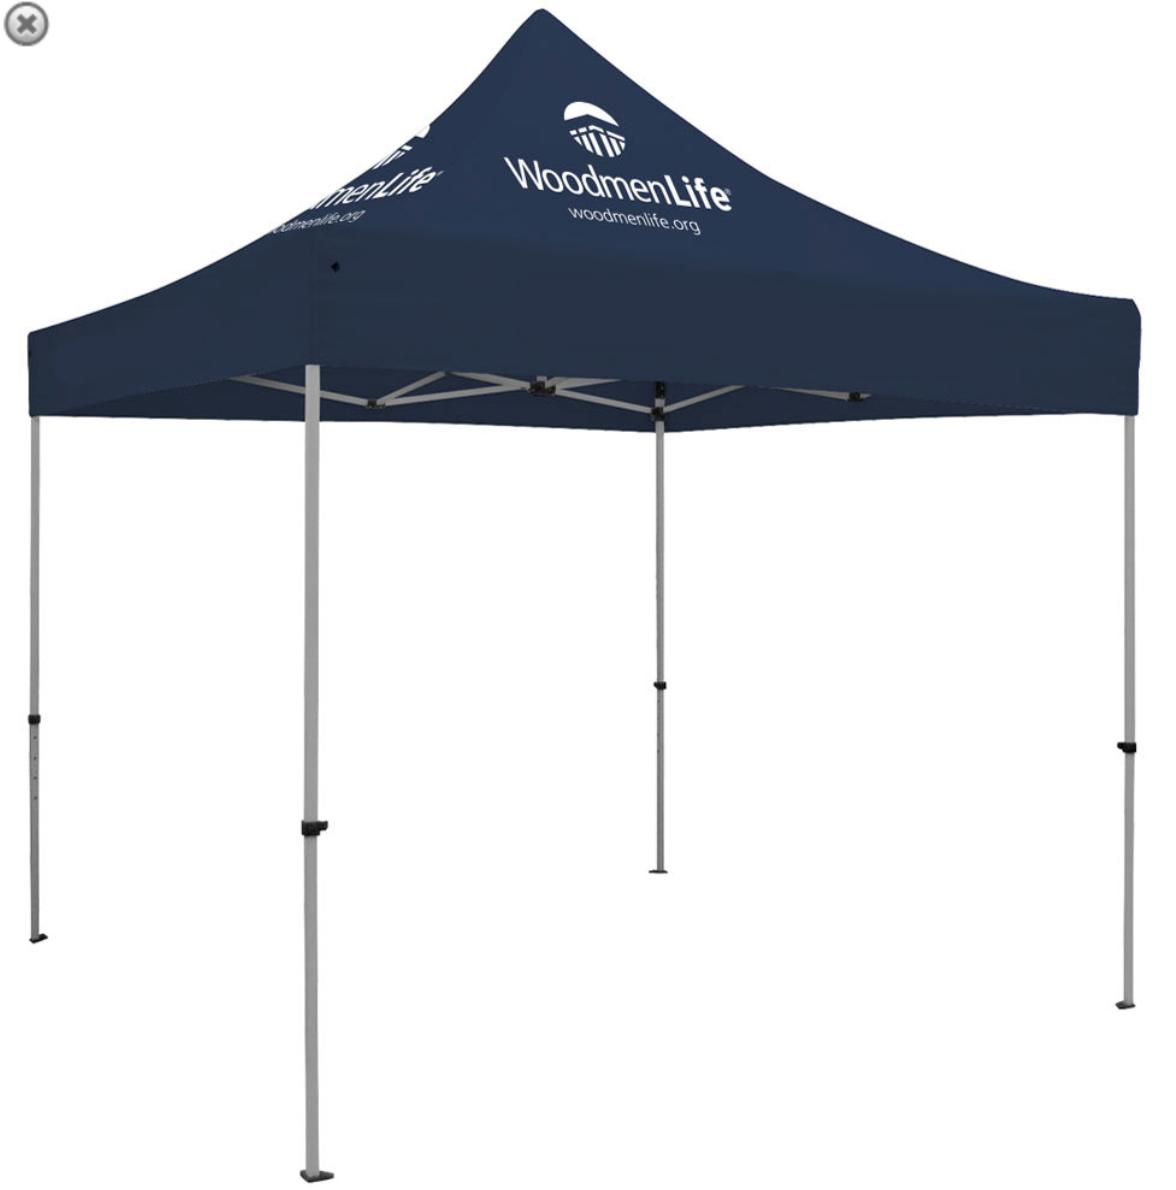 Premium Aluminum 10' Tent Kit